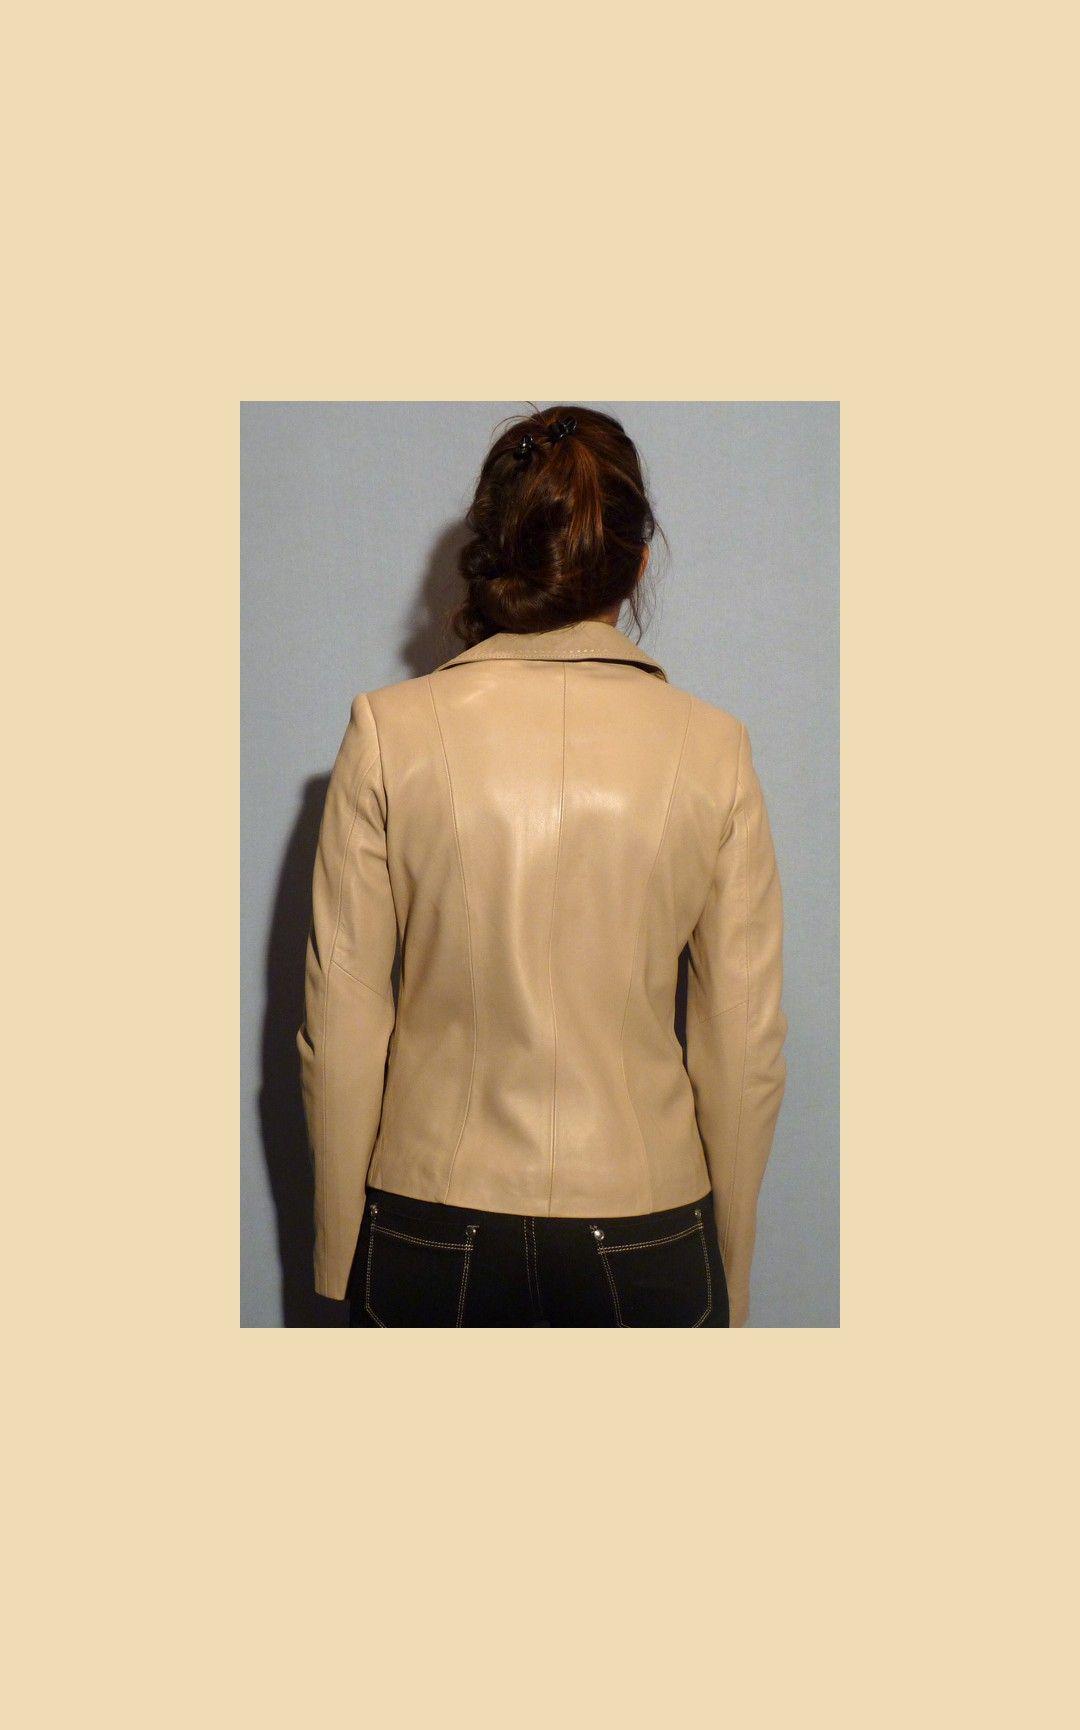 Veste en cuir agneau beige   Cuir   Cuir, Veste en Cuir, Vetement cuir 28a465c34bc